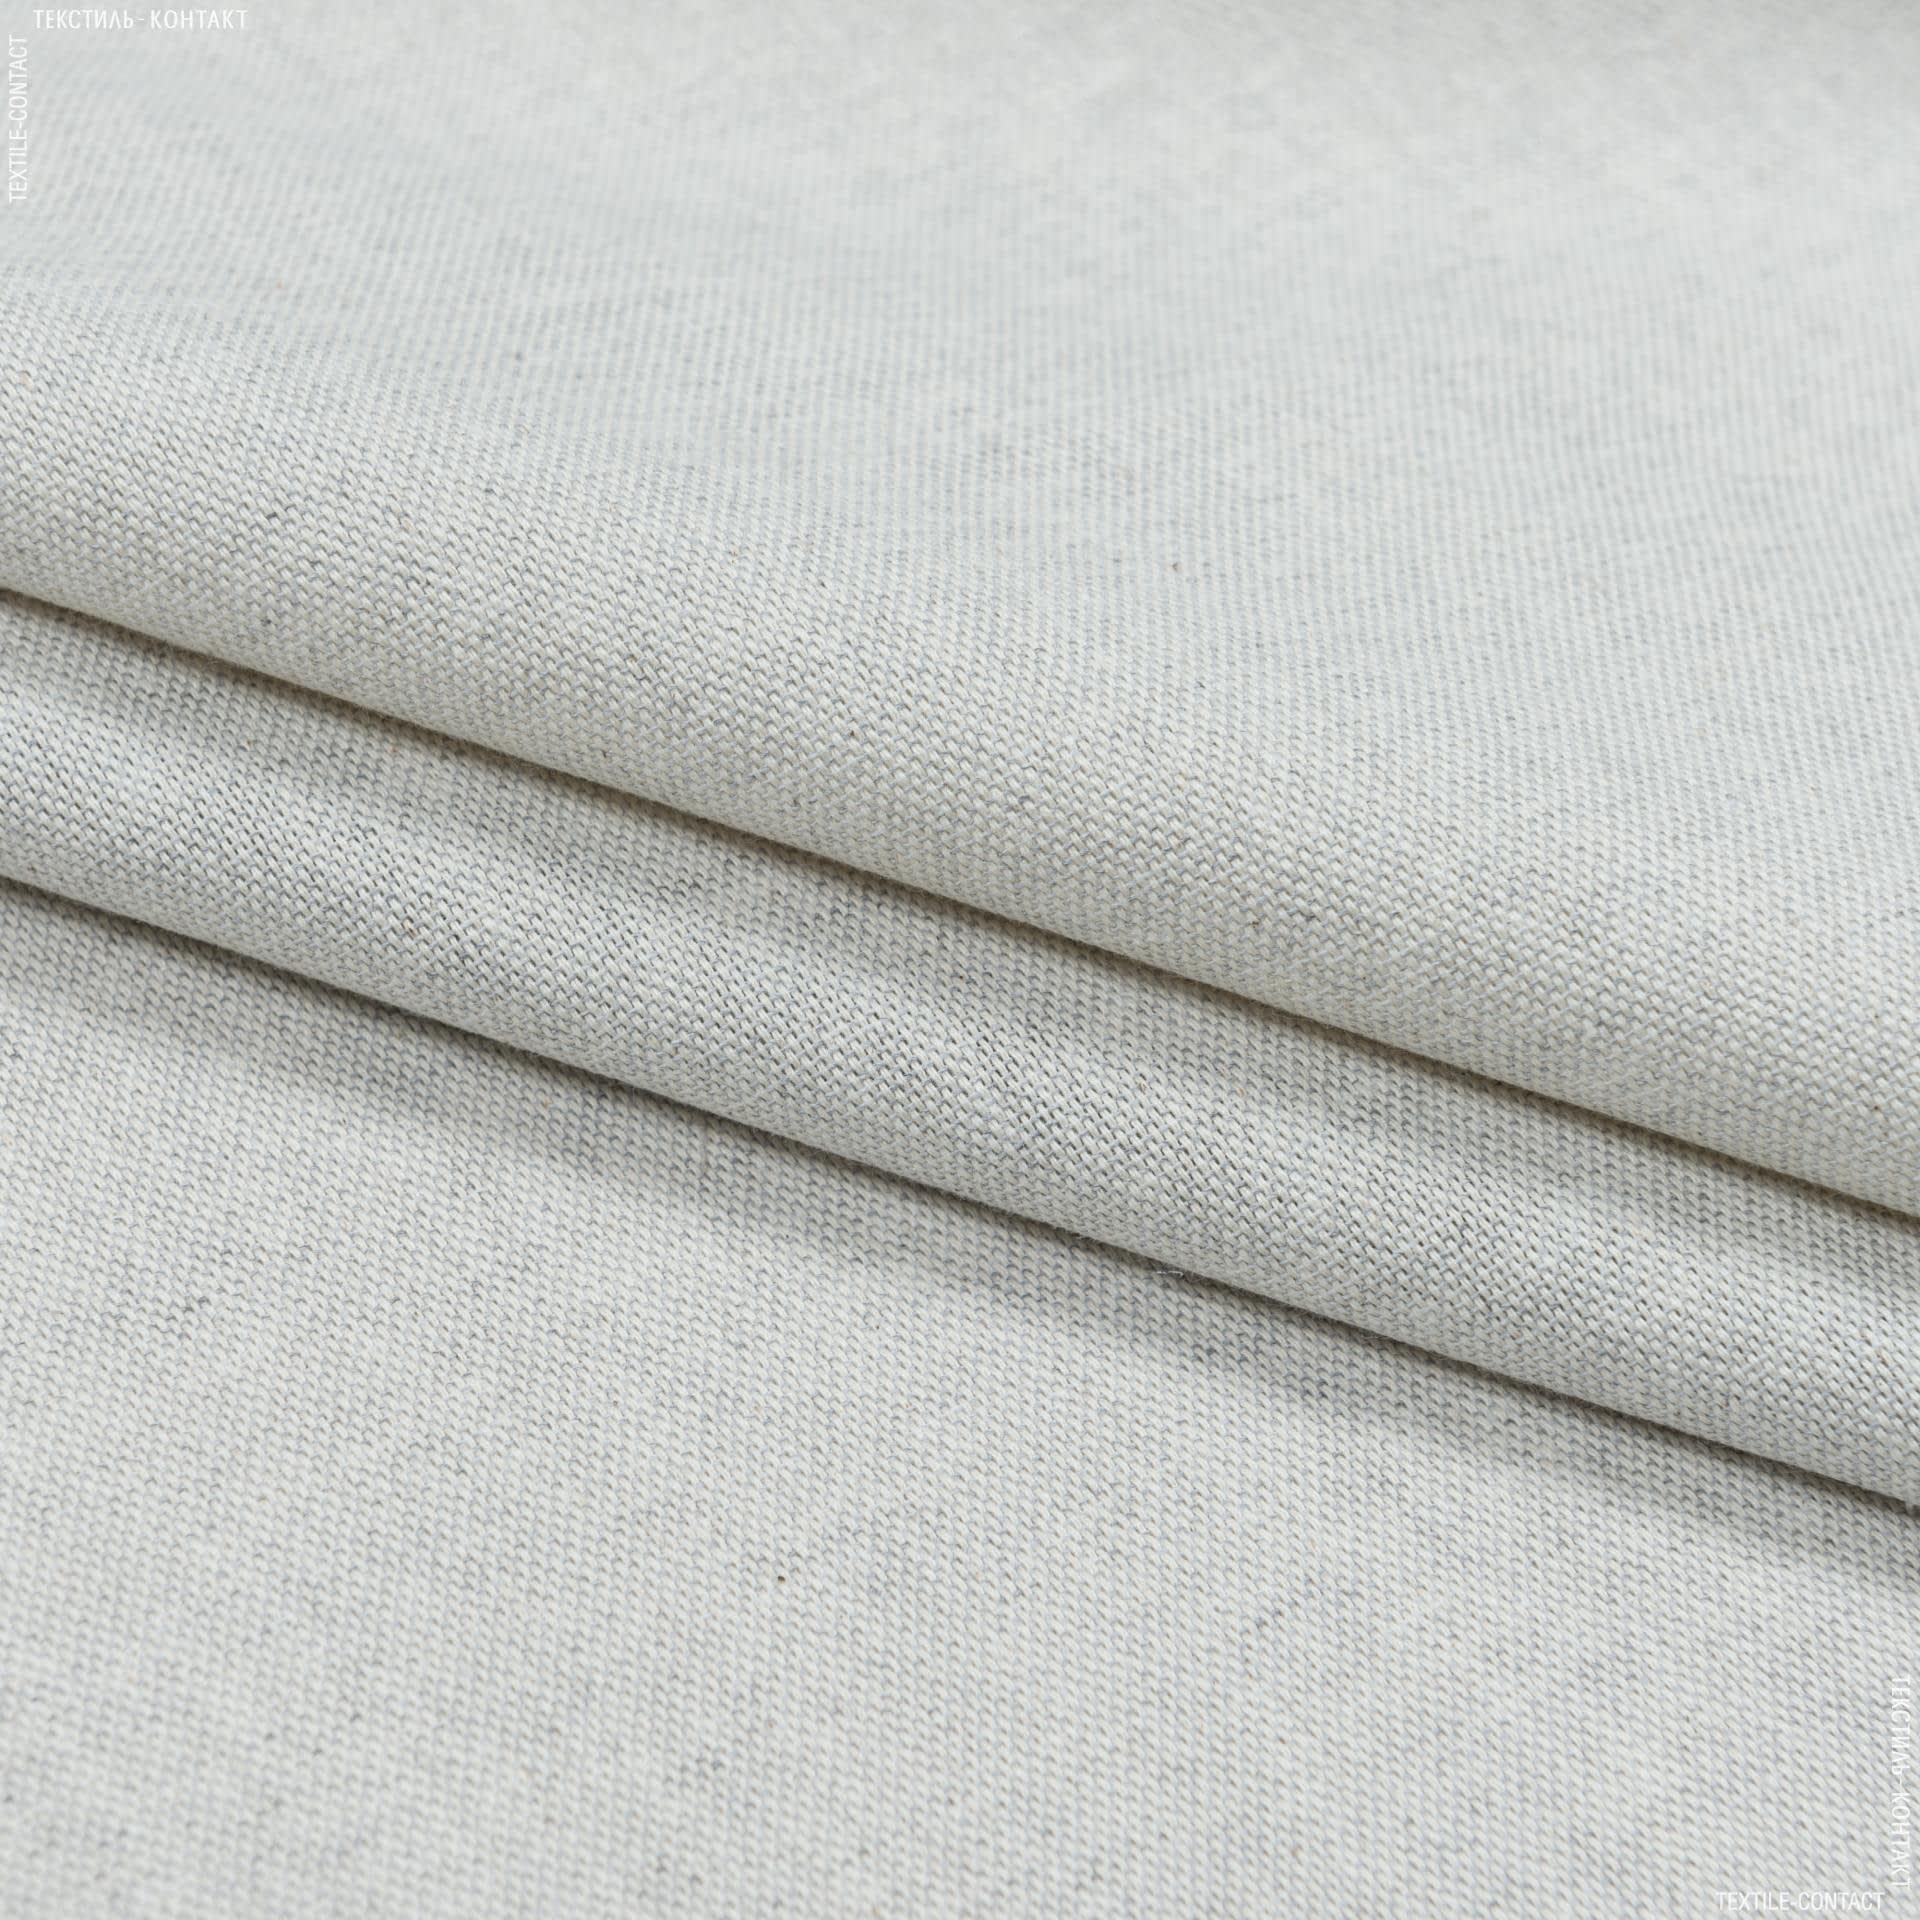 Тканини портьєрні тканини - Декоративна тканина лагос св. сірий